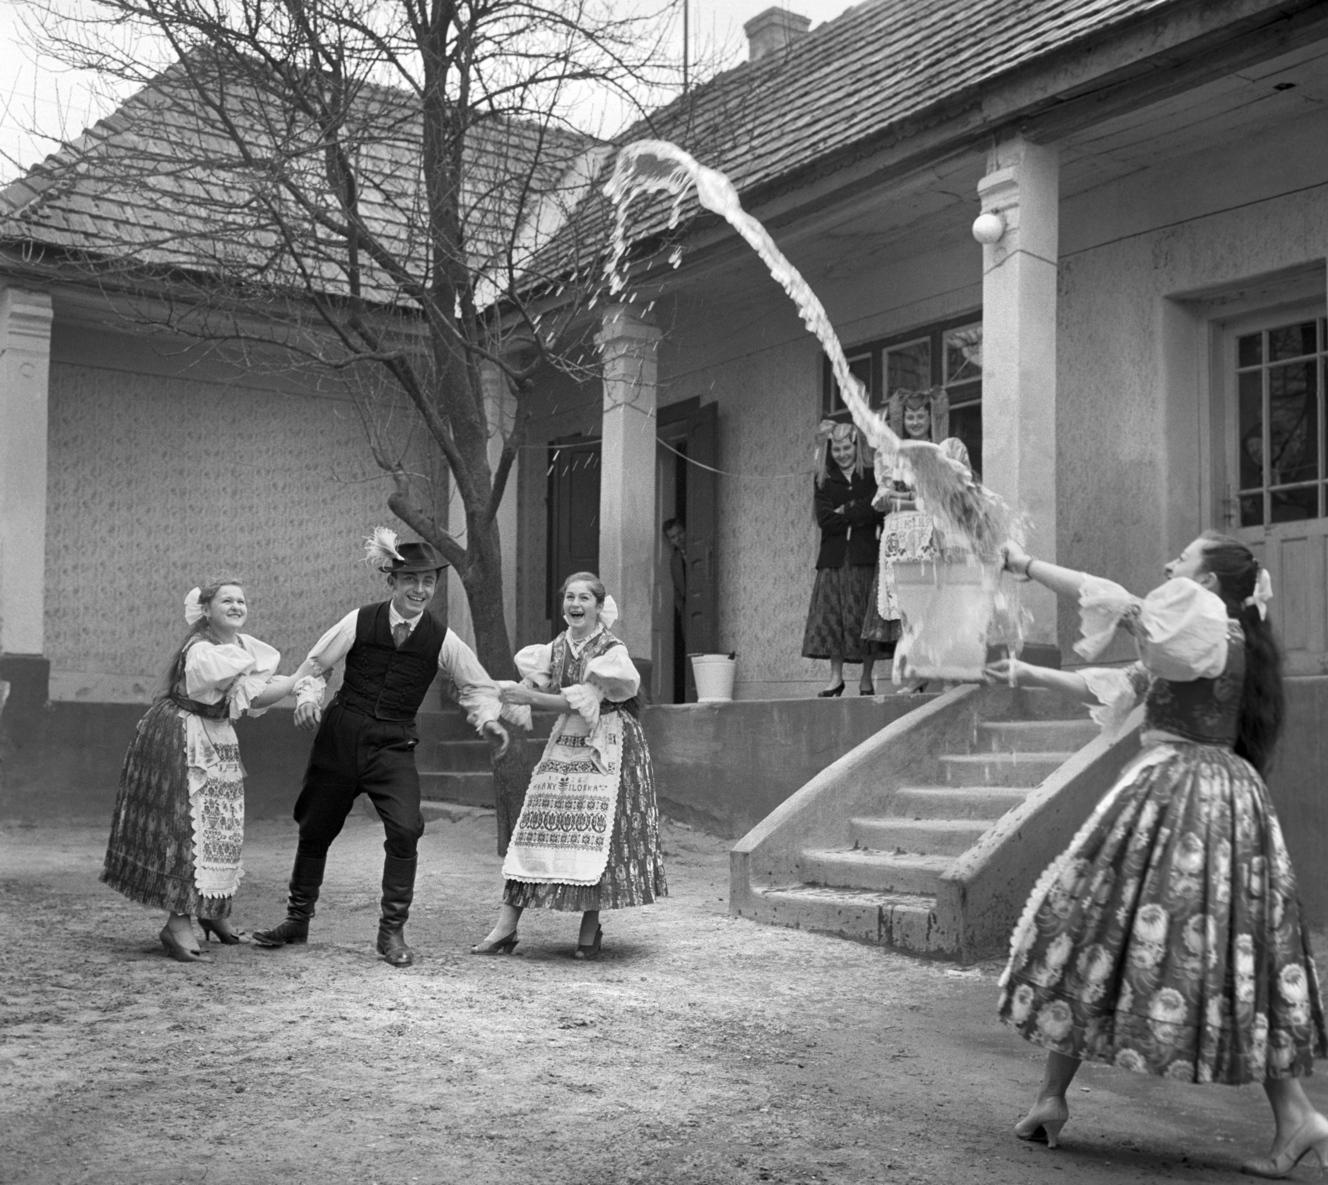 Őrhalom, 1961. március 31. Egy legényt fog le két lány Húsvét keddjén Őrhalmon, miközben társuk a település hagyományait követve meglocsolja egy vödör kútvízzel. MTI Fotó: Bajkor József